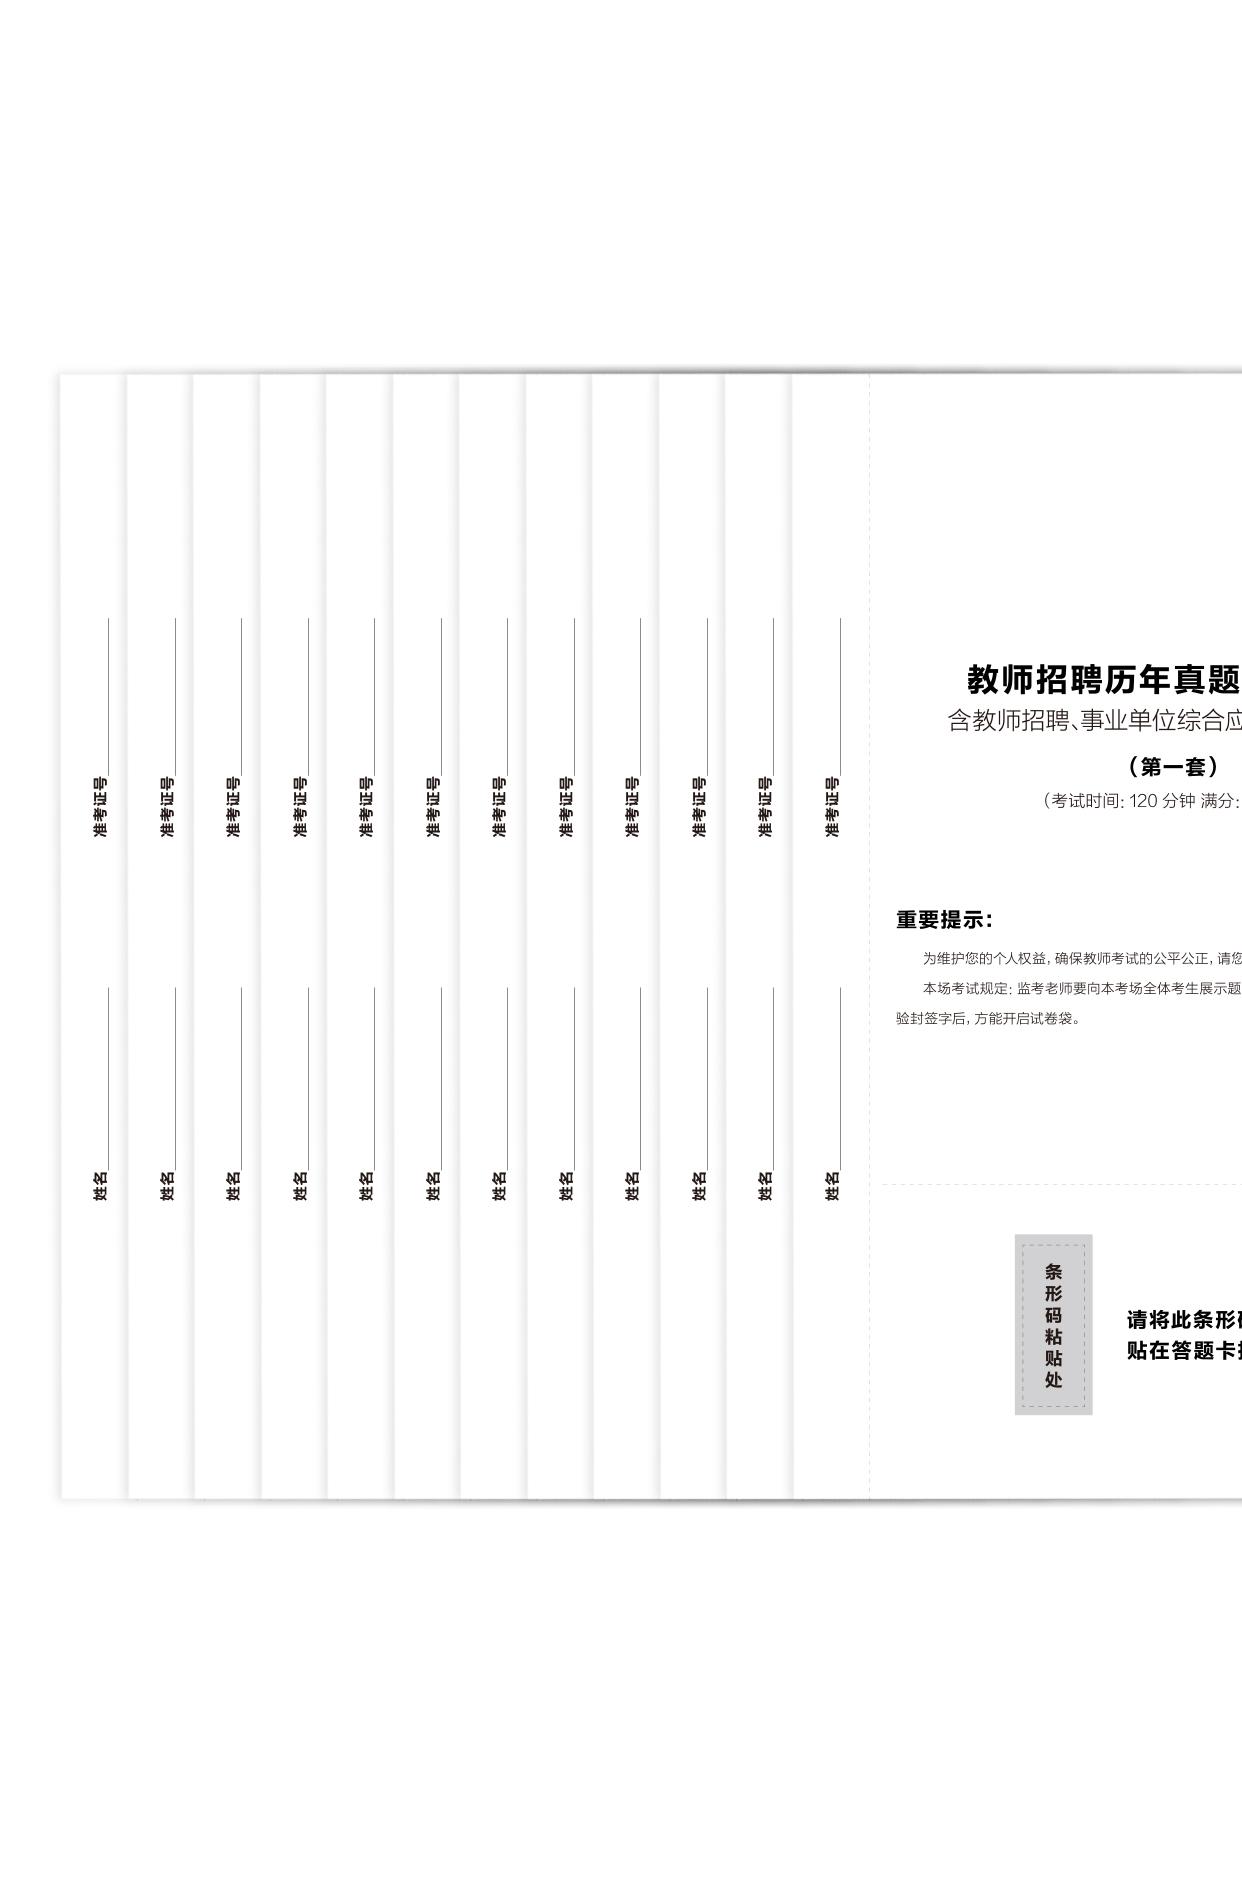 教师招聘强化冲刺训练试卷合集.jpg